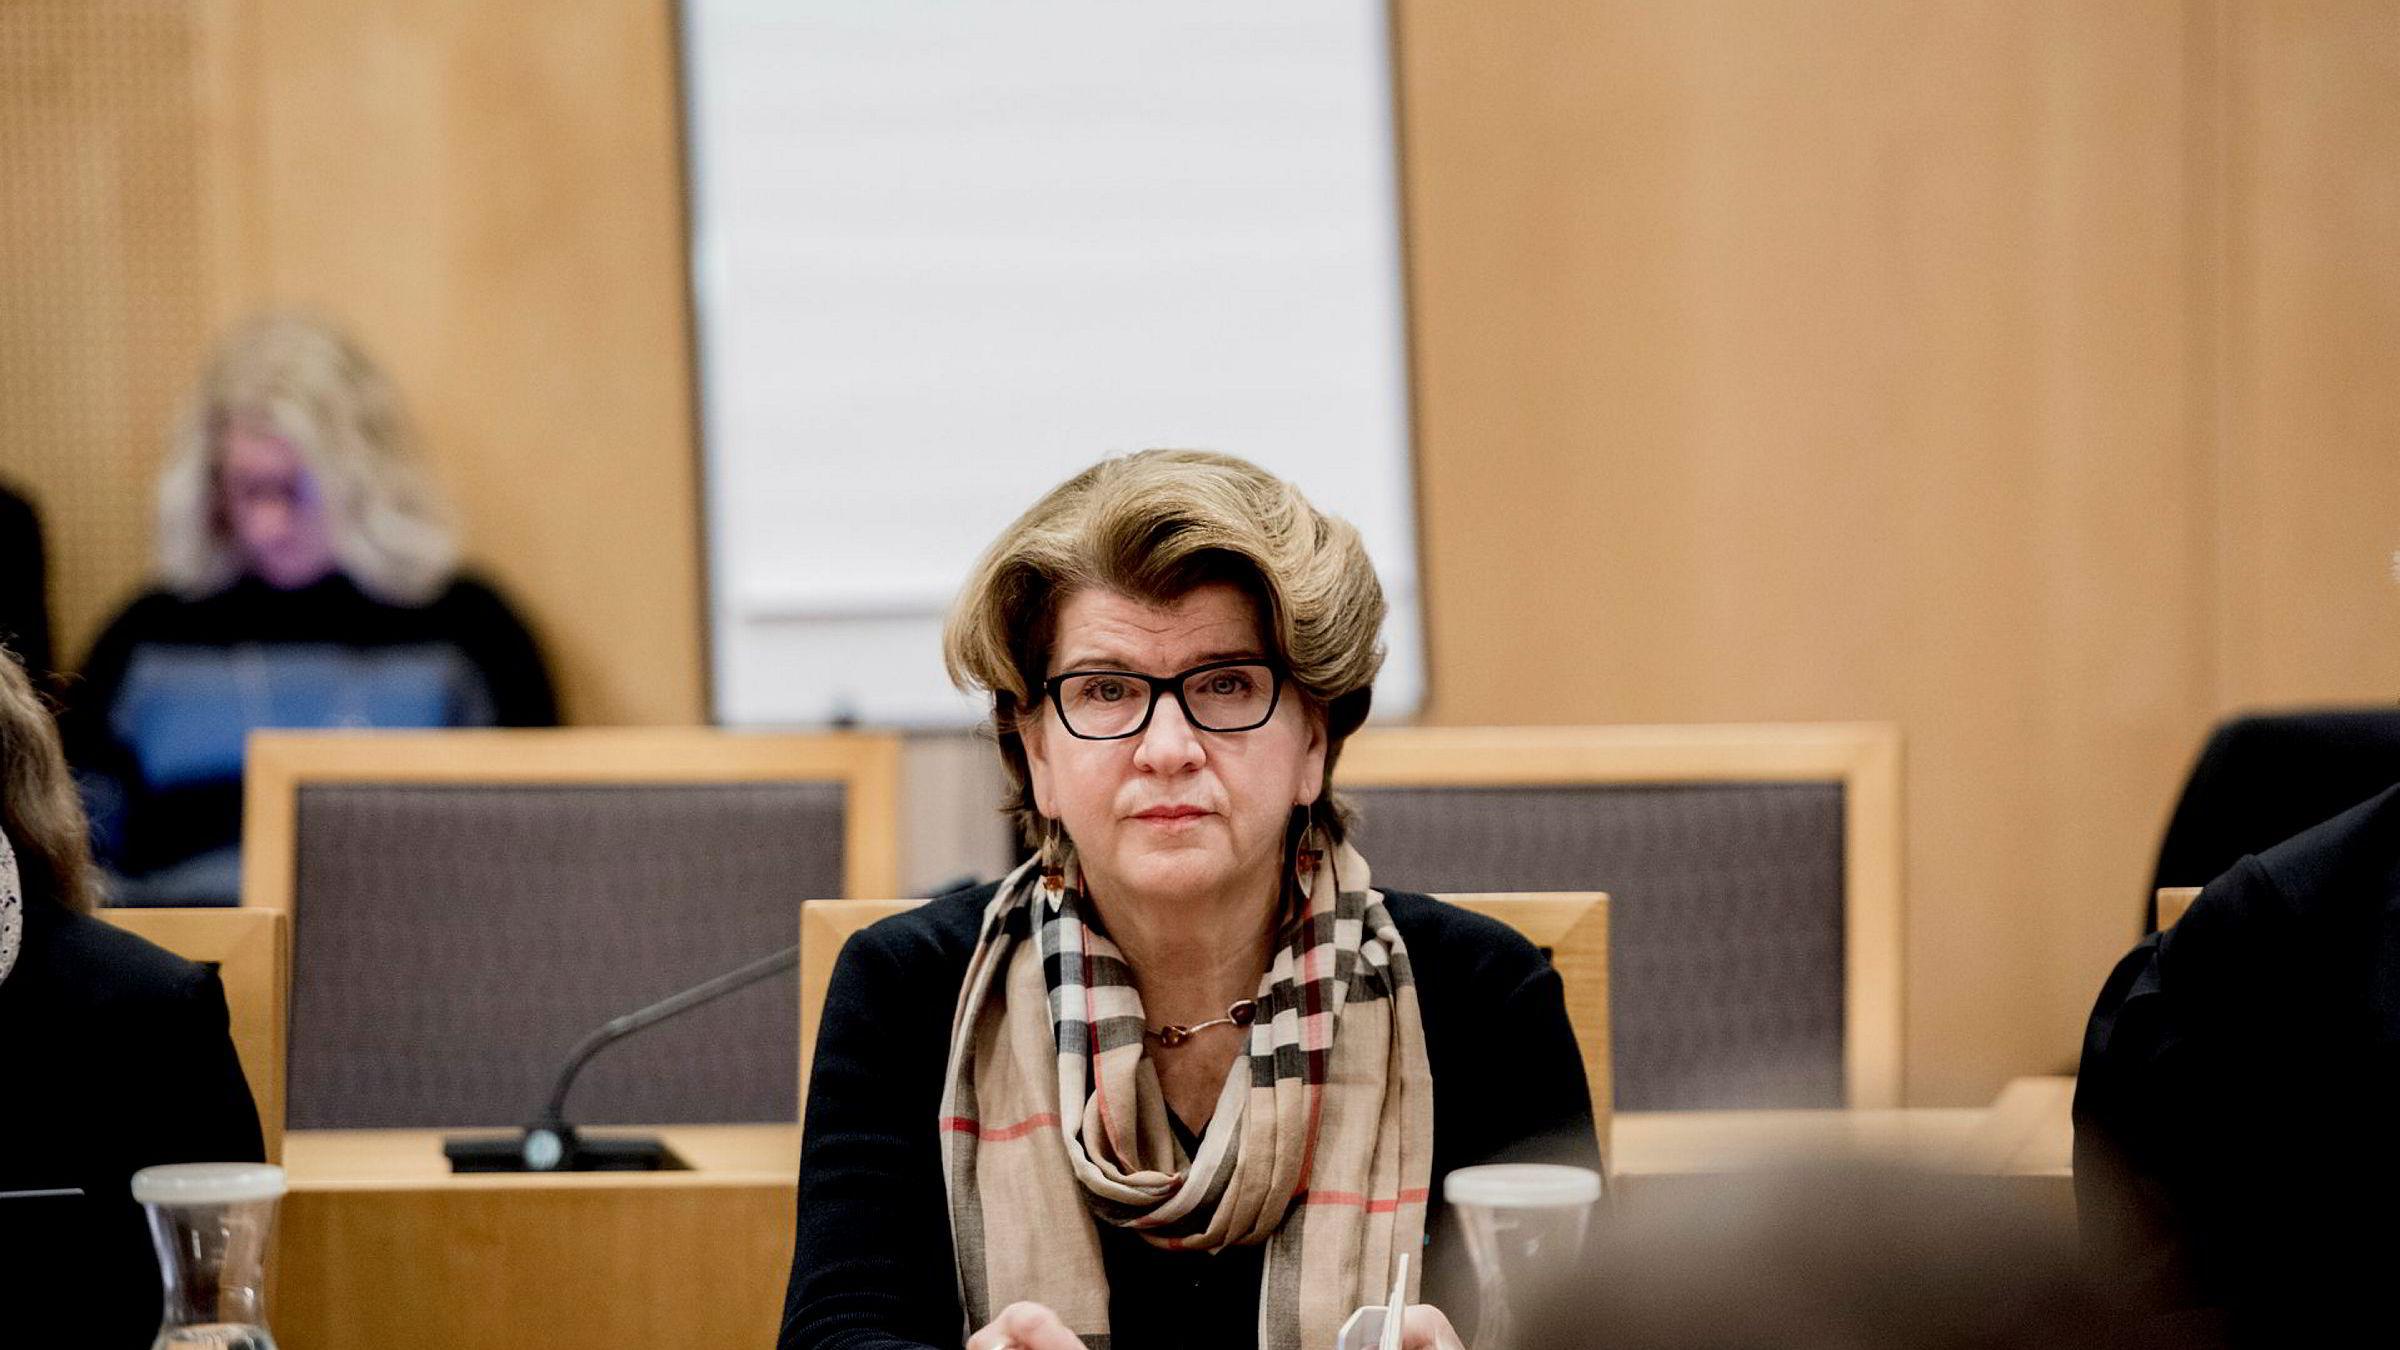 Randi Flesland, direktør i Forbrukerrådet, mener søksmålet mot DNB hører hjemme i en høyere rettsinstans.